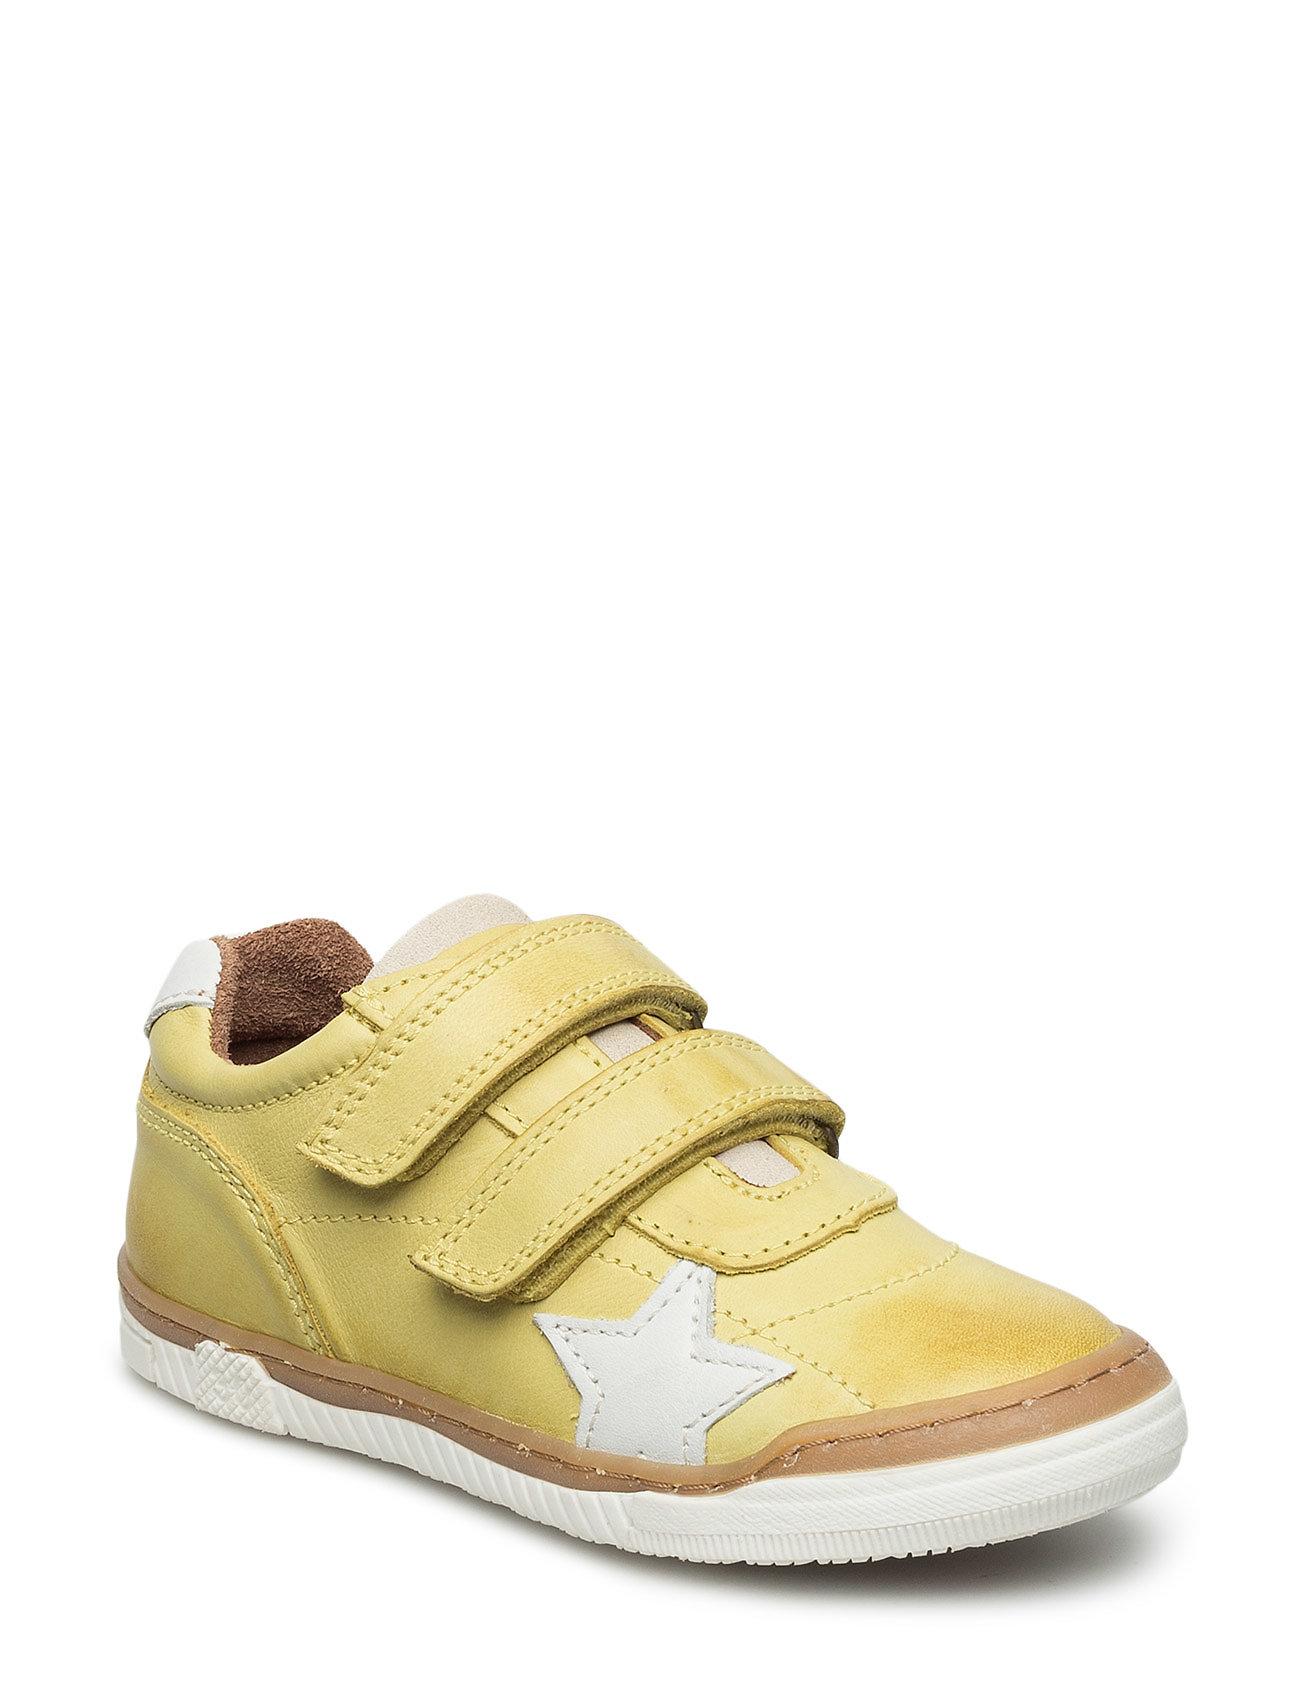 d70462f8ea8 Velcro Shoes Bisgaard Sko & Sneakers til Børn i   Unfairfashion.dk